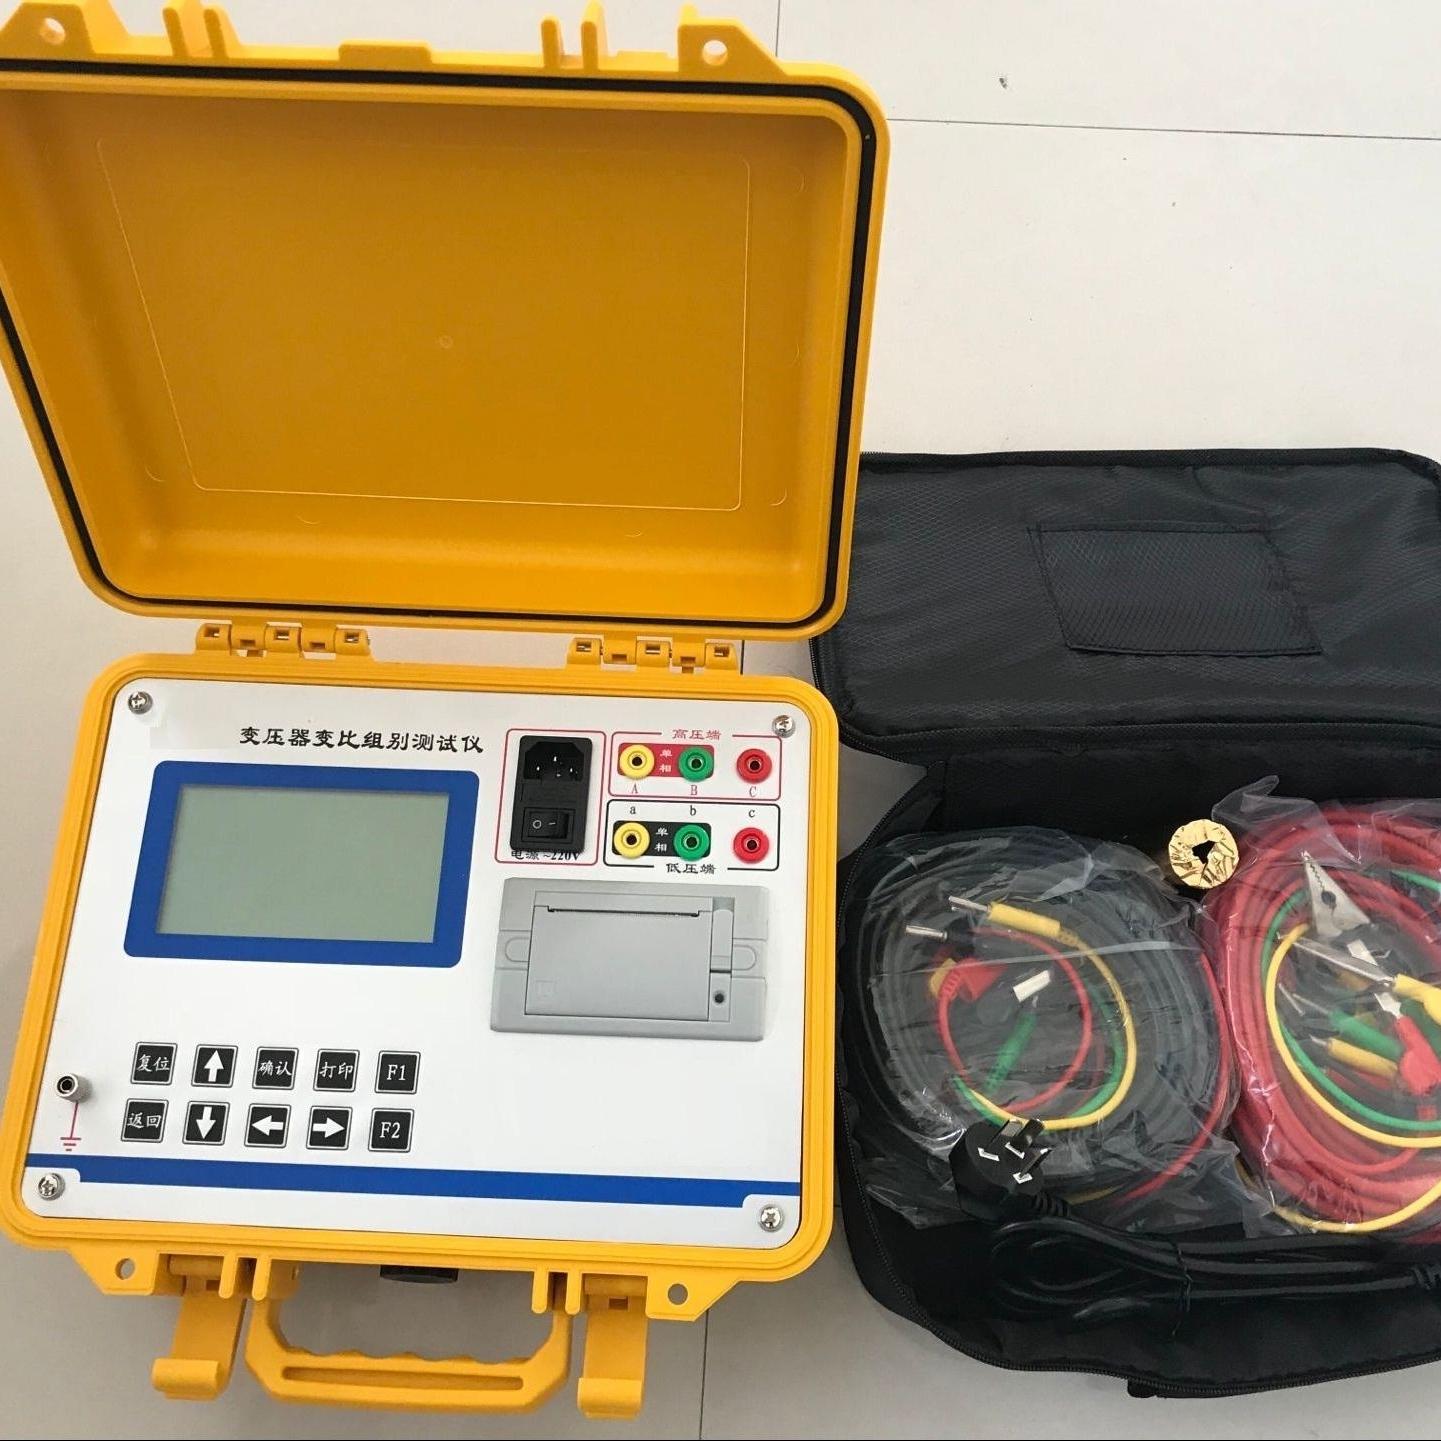 江苏省承装承试设备全自动变比测试仪厂家